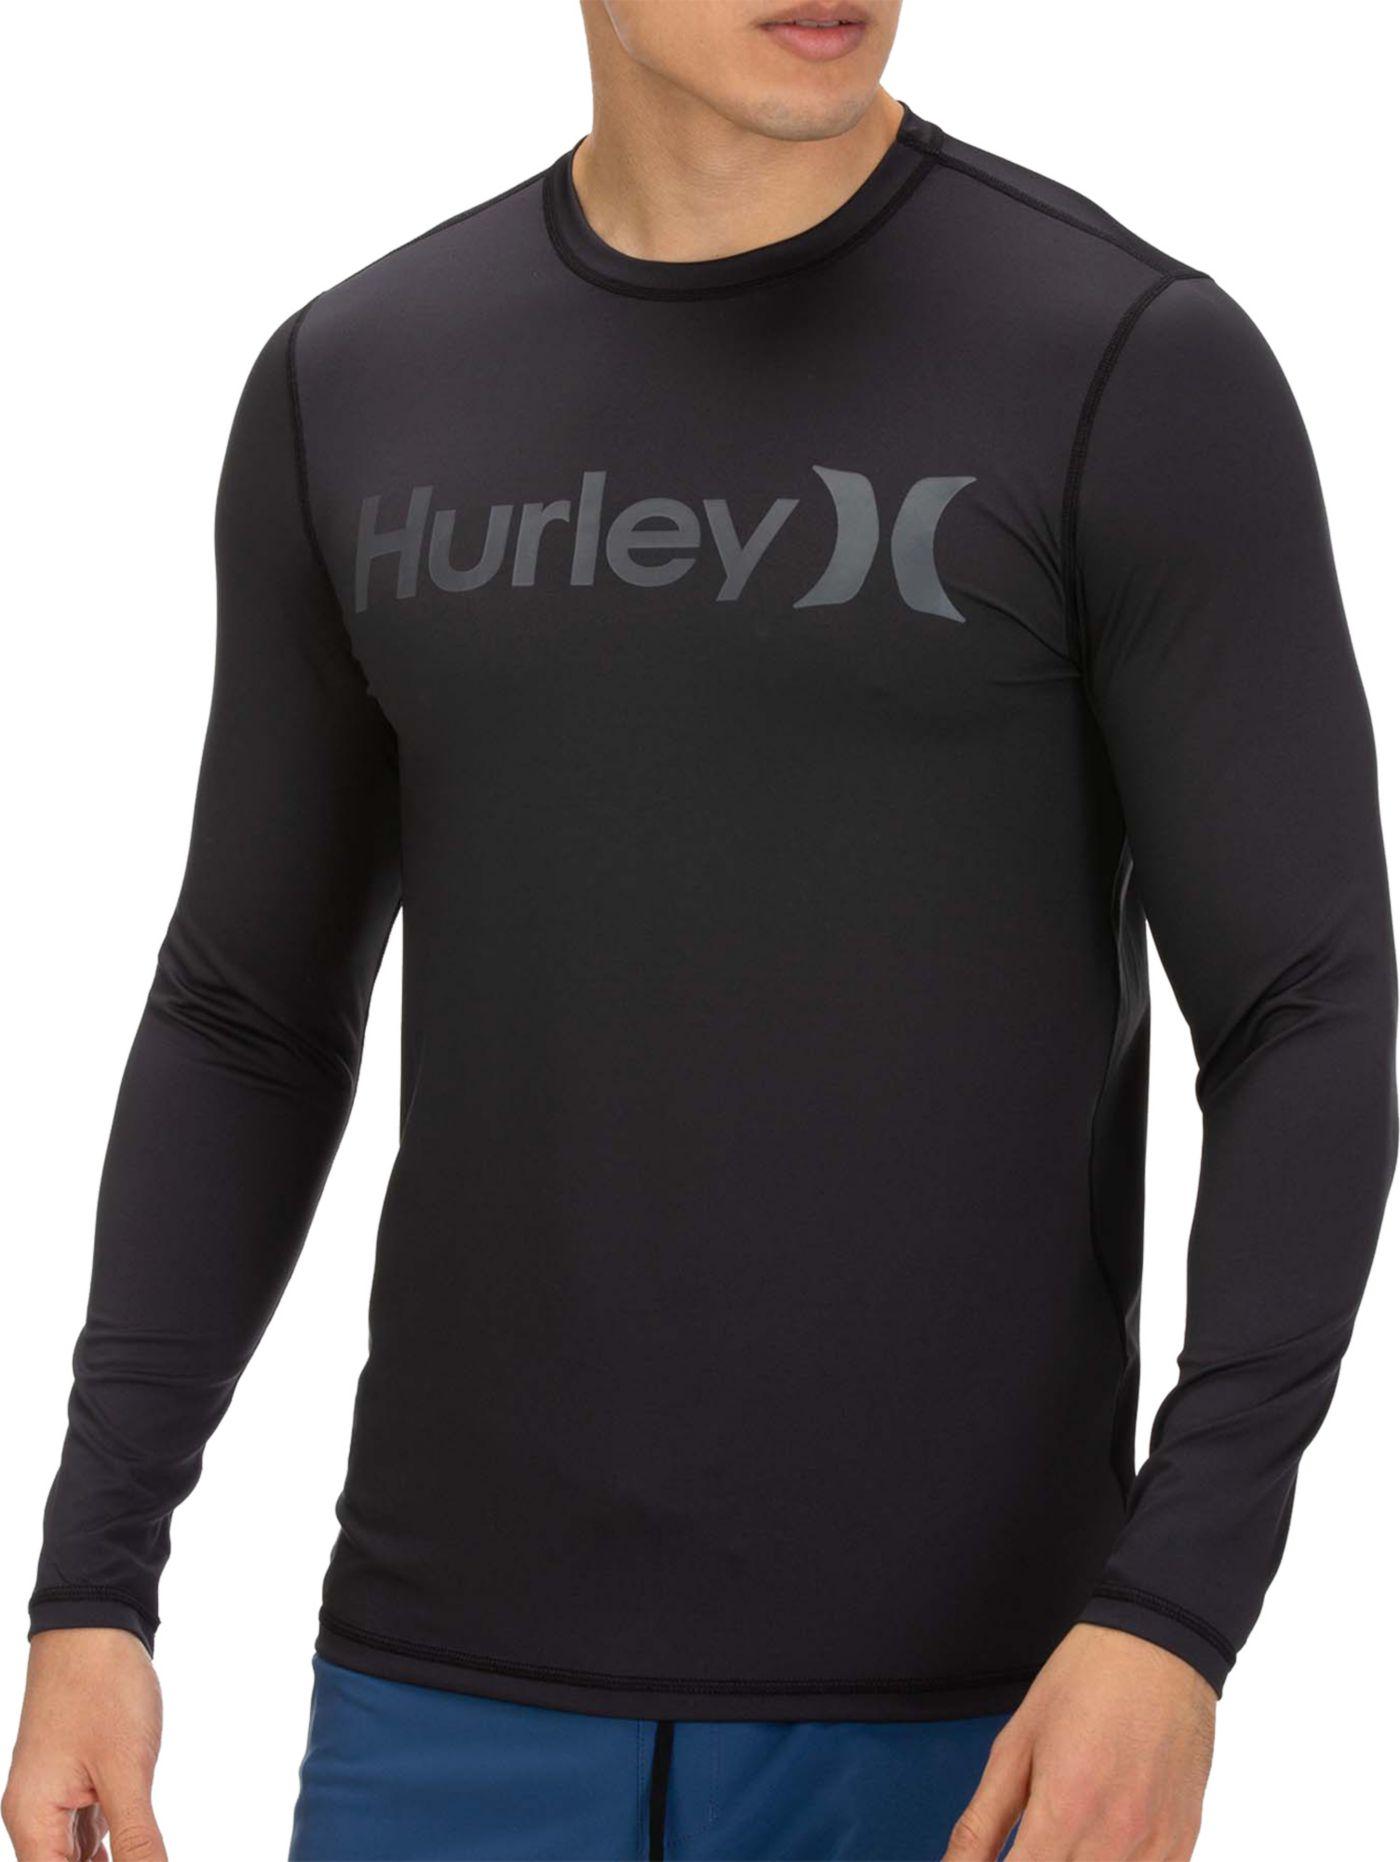 Hurley Men's O&O Long Sleeve Rash Guard